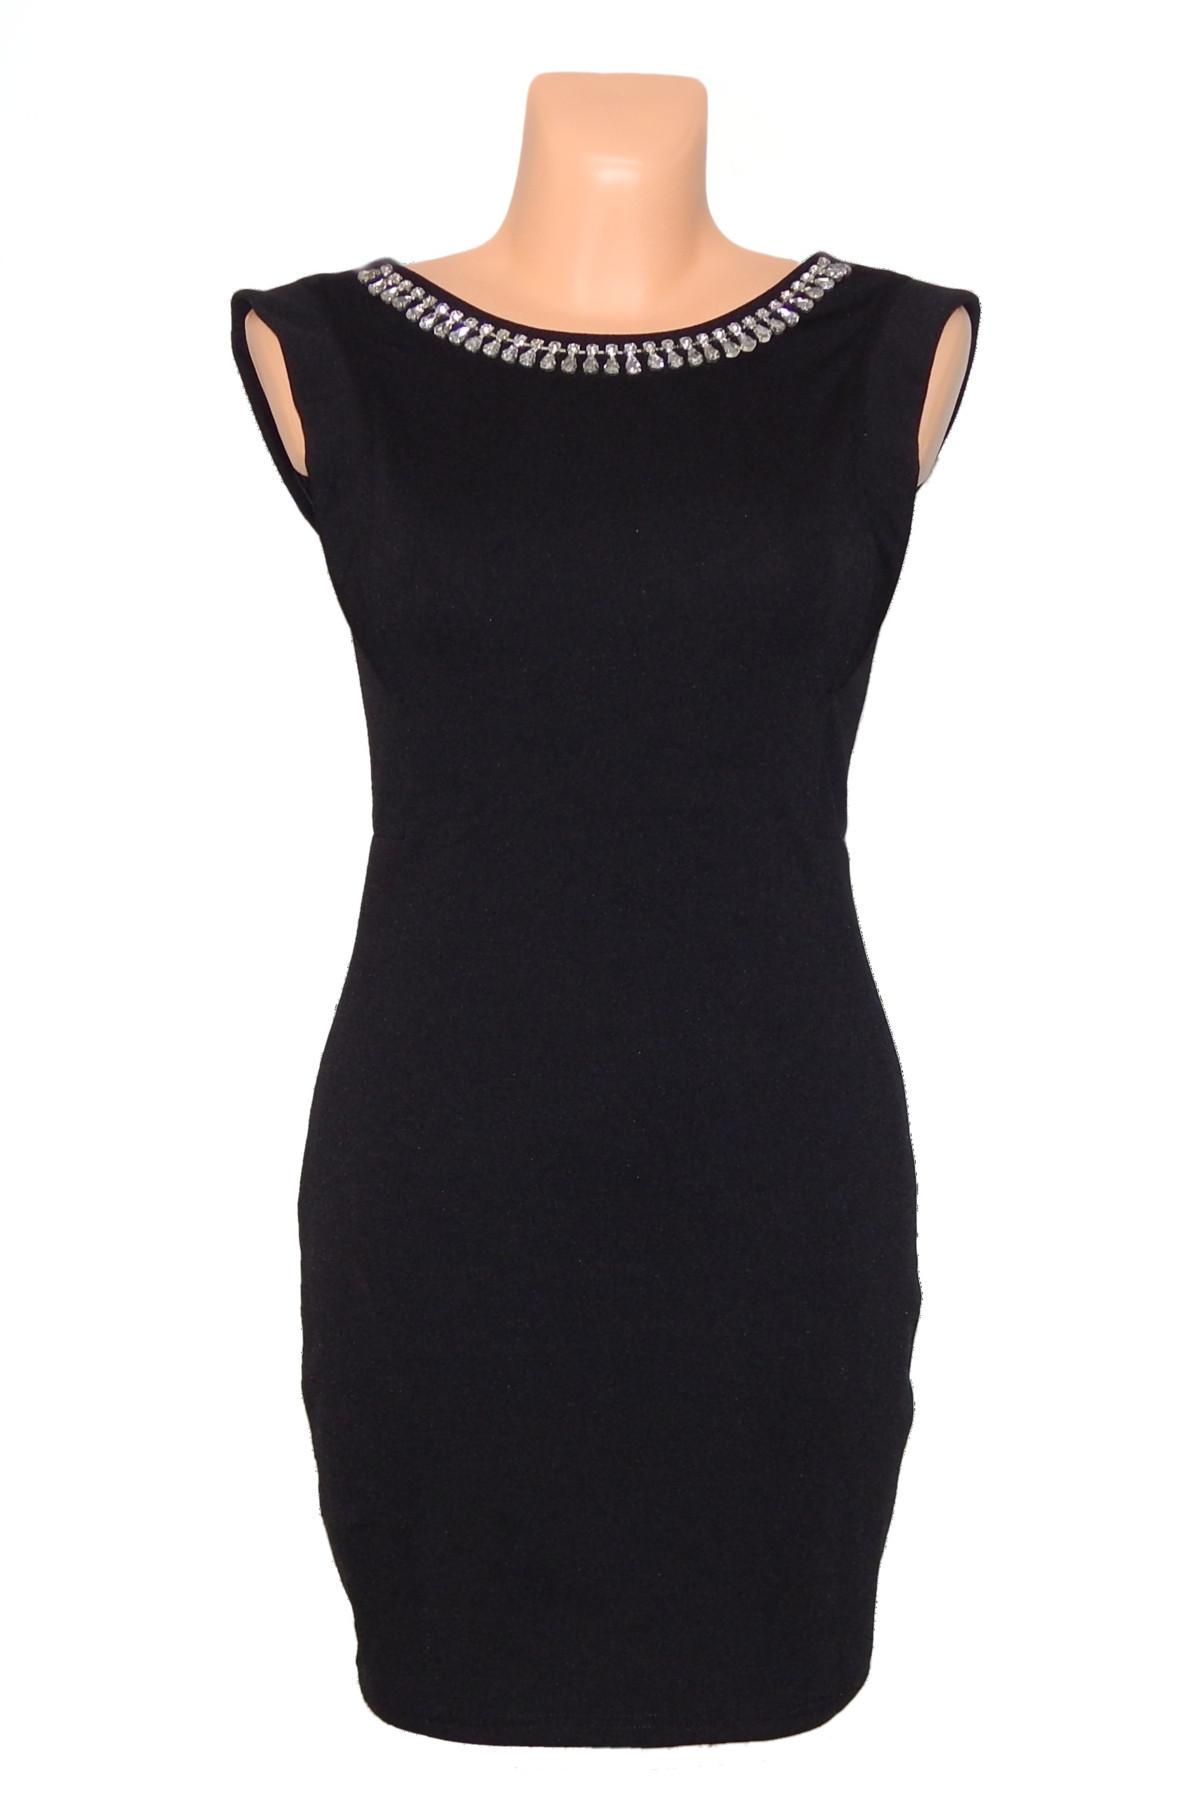 Spoločenské šaty zdobené kamene vo výstrihu bez rukávu krátke čierne - Čierna - CoCo Giulia čierna S